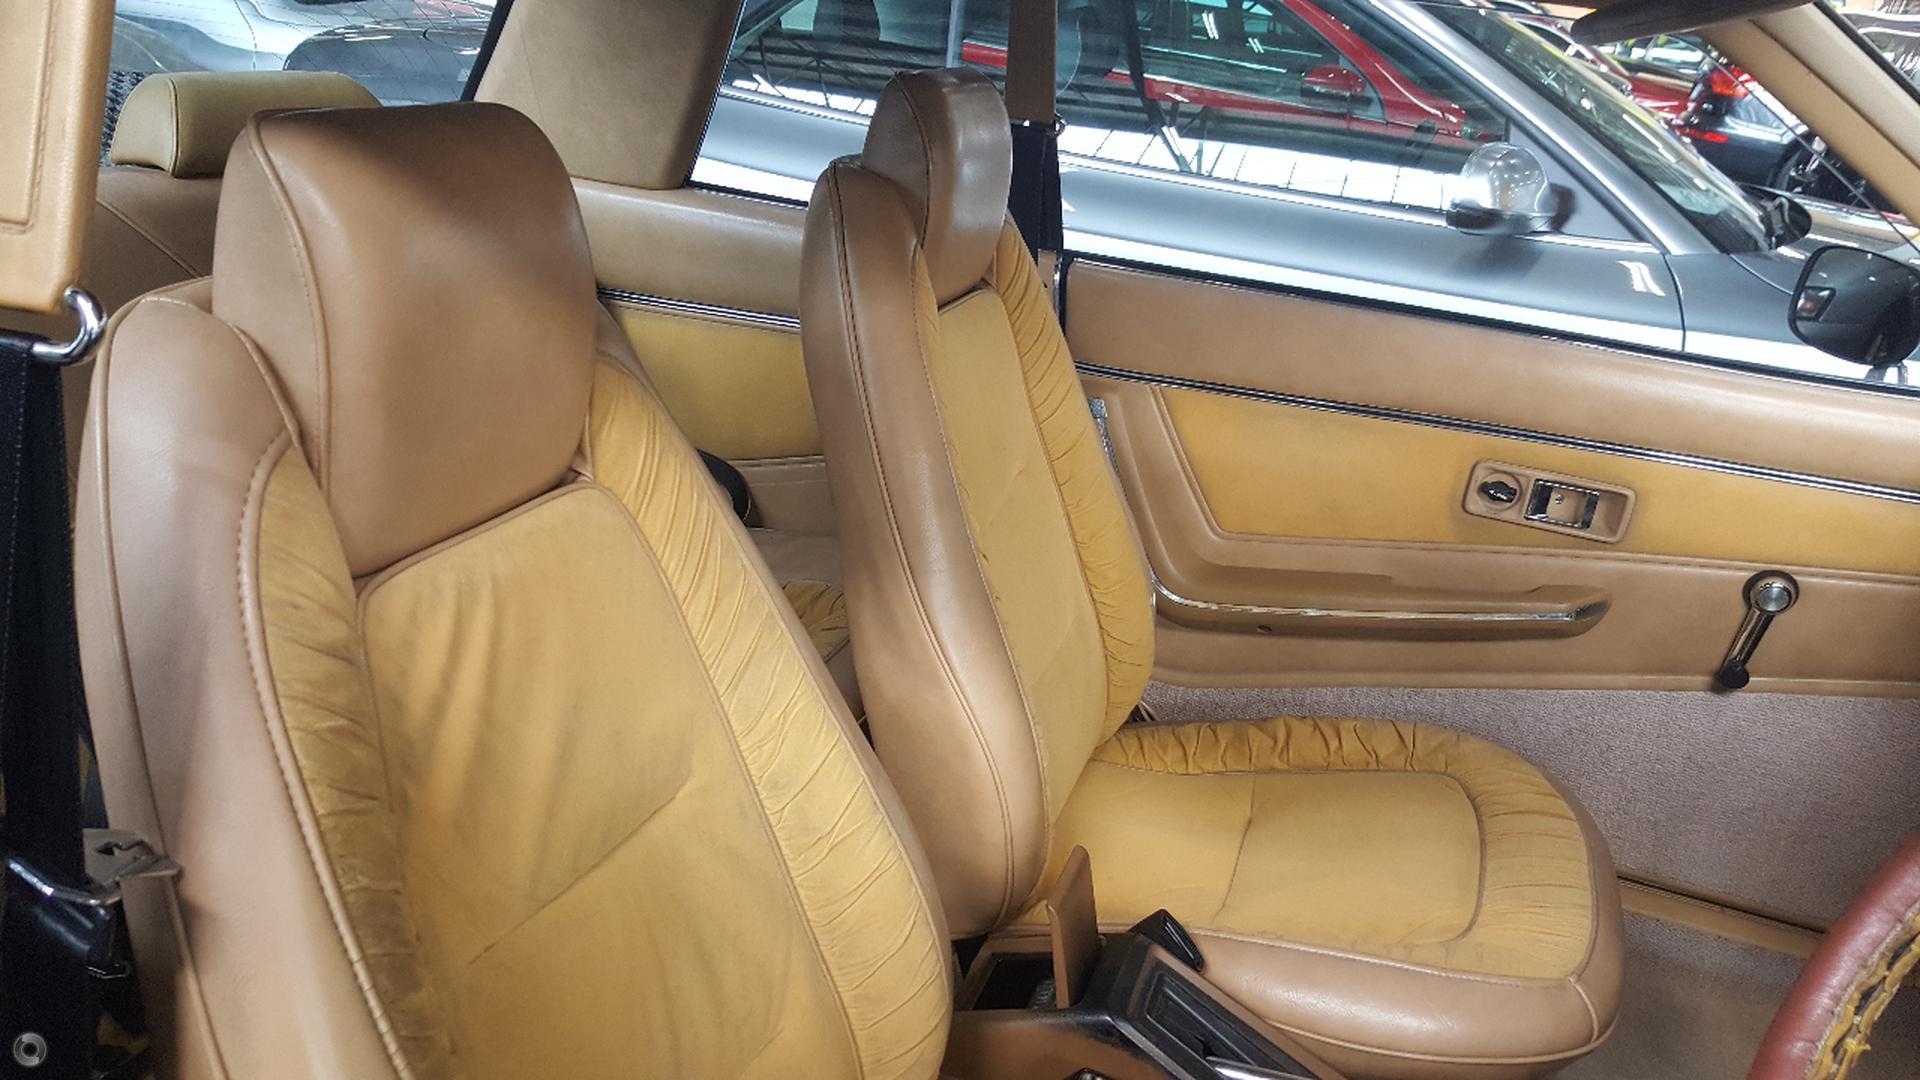 1978 Chrysler Sigma Scorpion GE